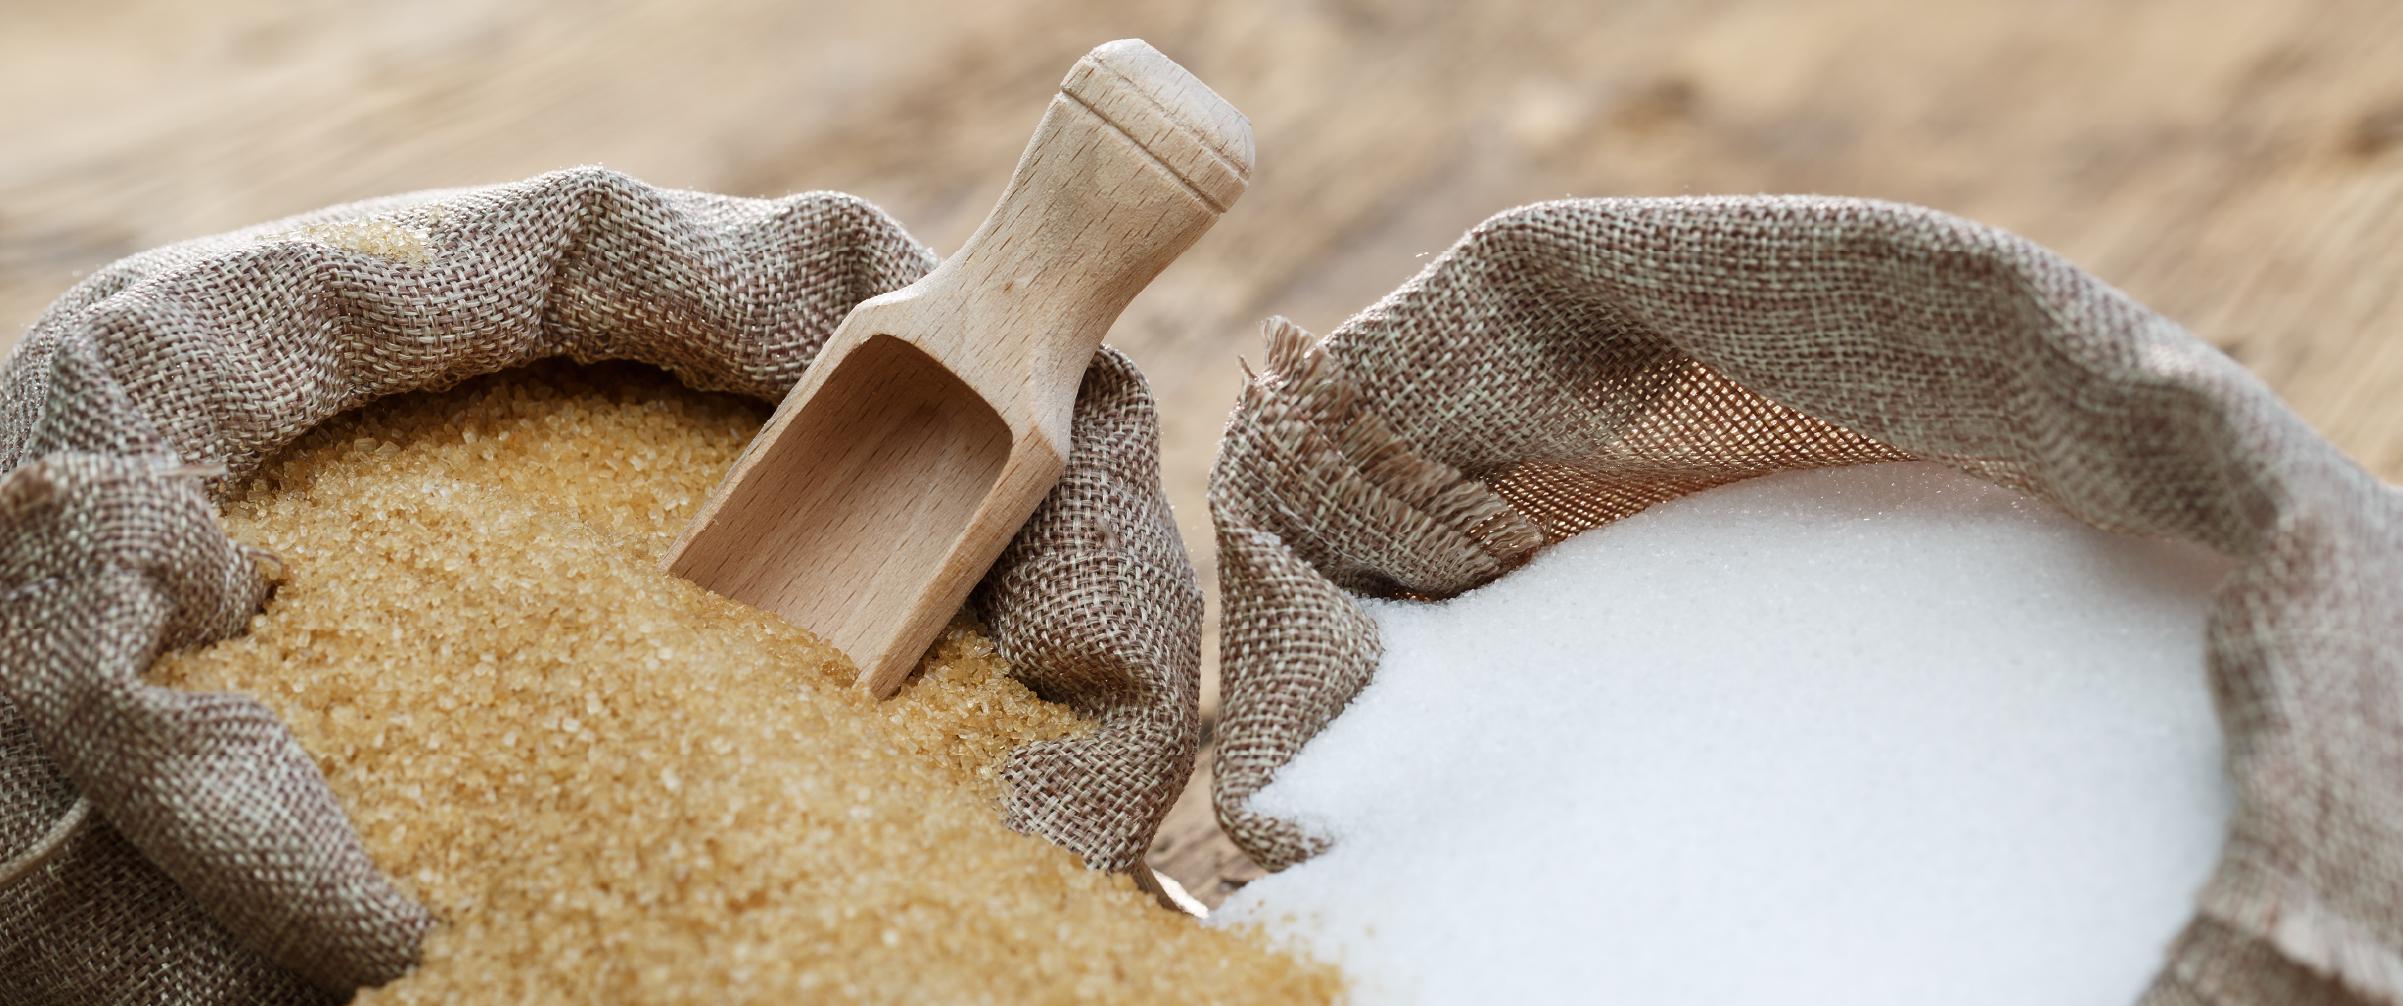 Usina de açúcar mantém sob controle contaminação bacteriológica em dornas com novos lavadores